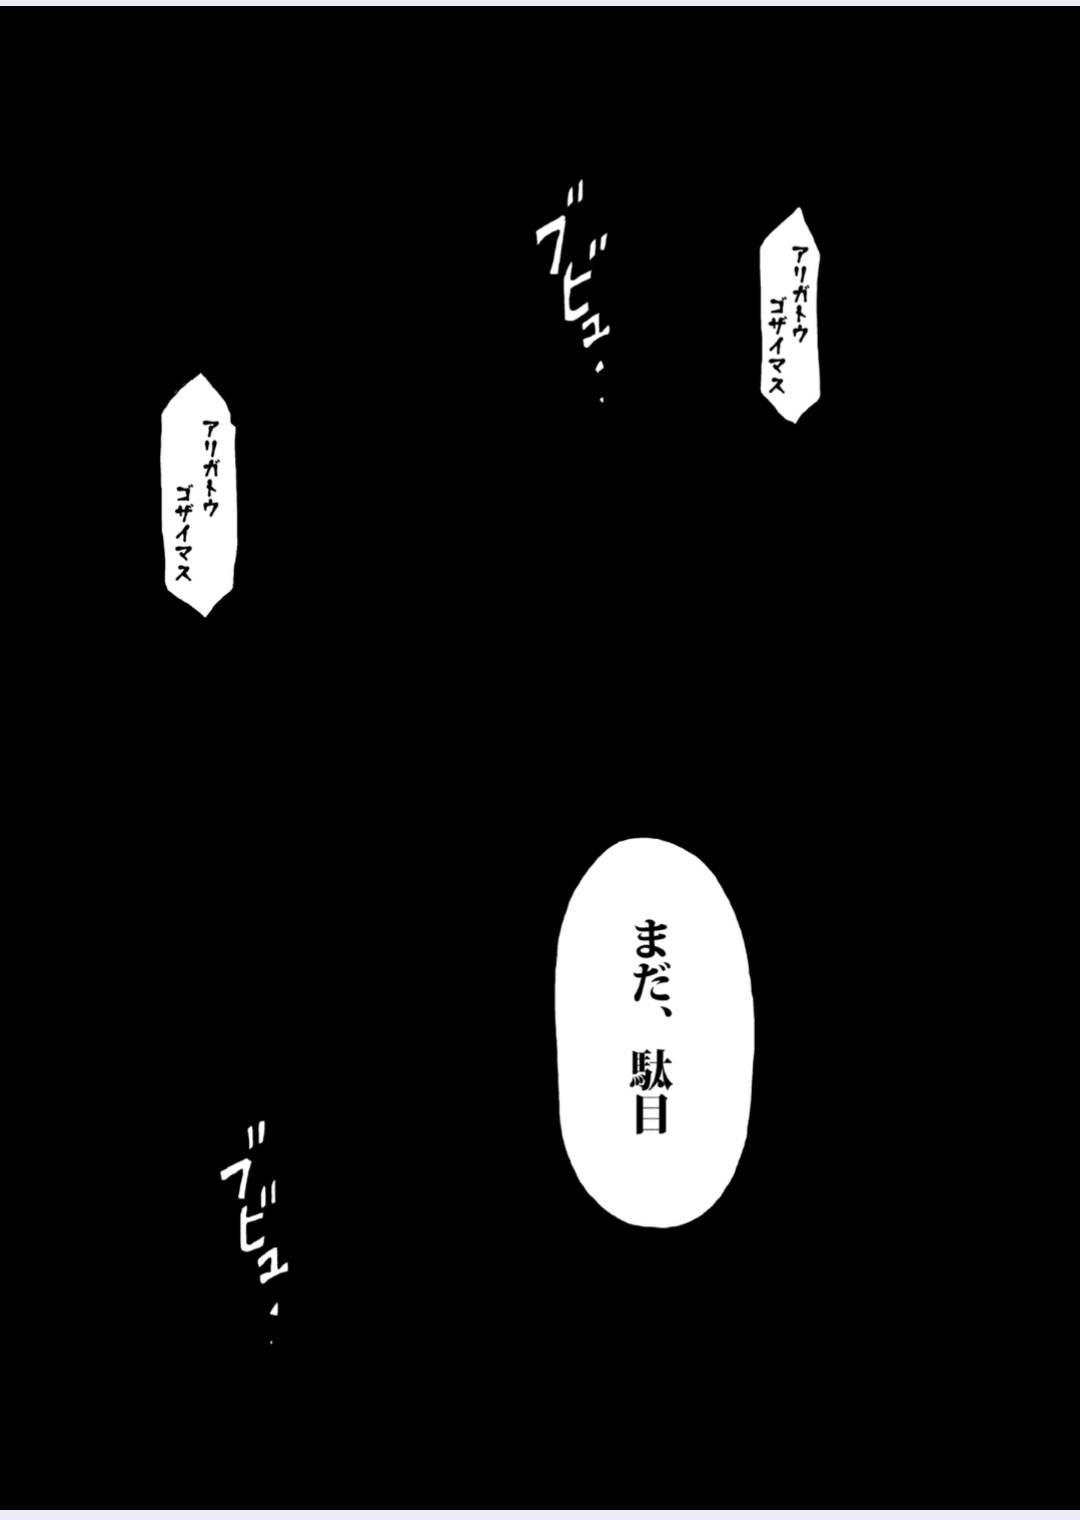 [KOWMEIISM (Kasai Kowmei)] Tadashii Danshi no Kyouren Hou (Yon) Deku to Kairai to [Digital] 37